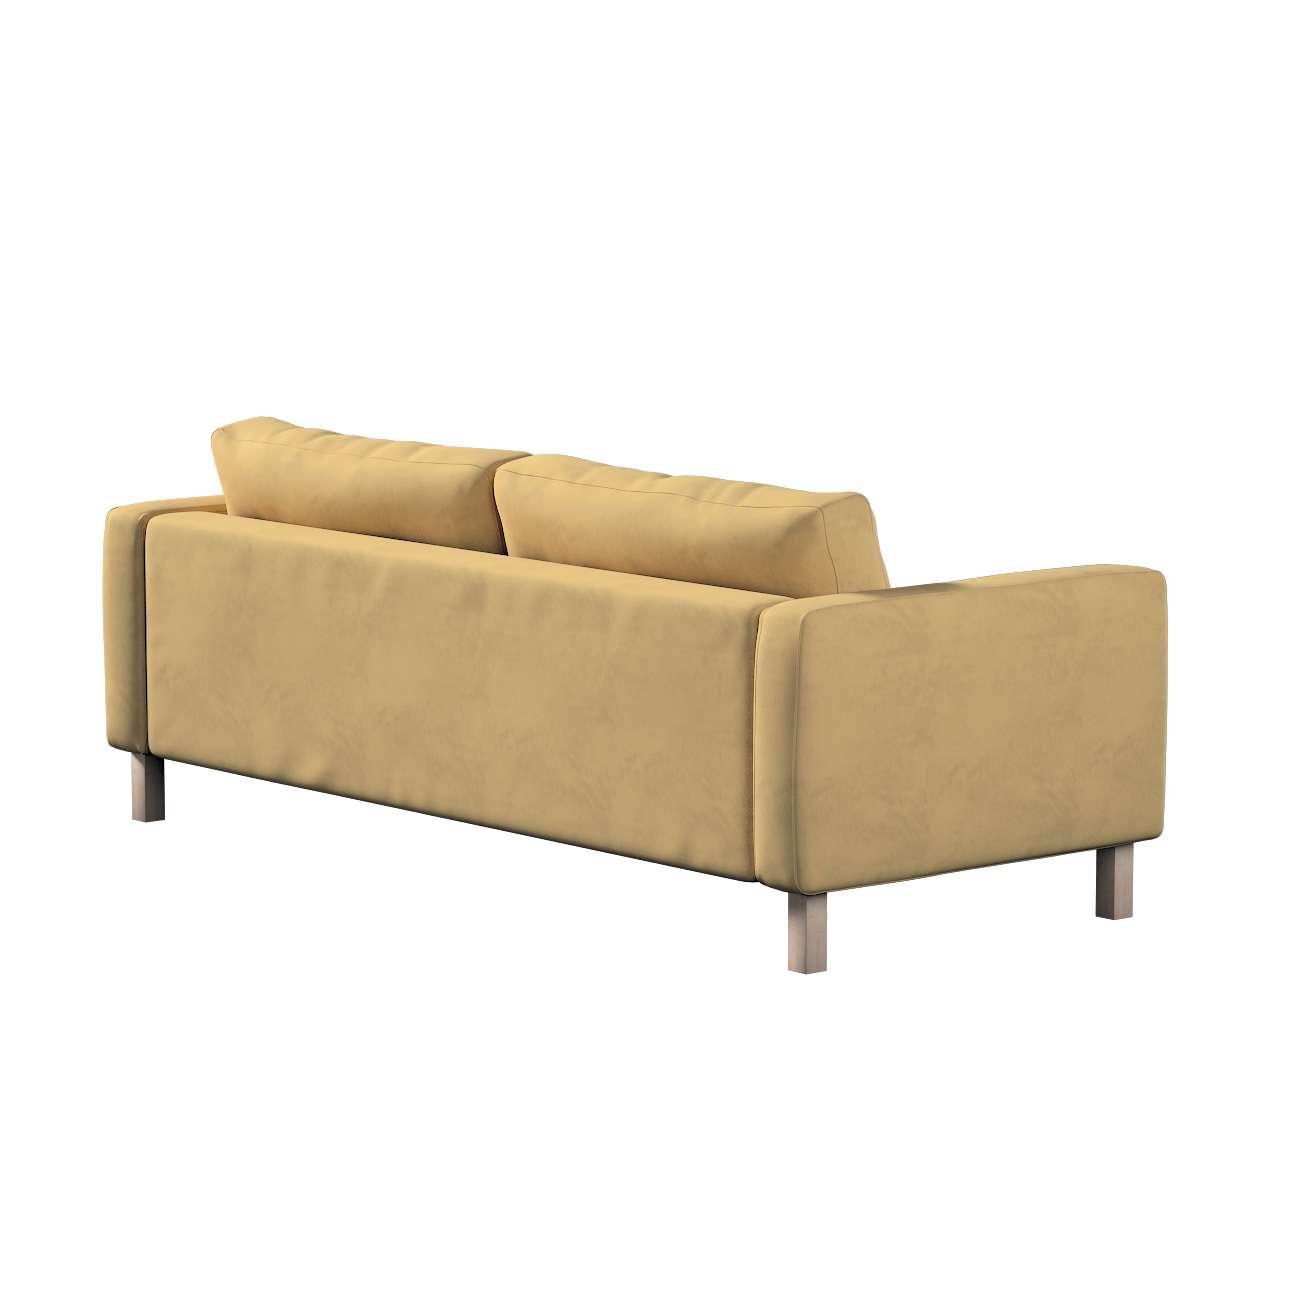 Potah na pohovku IKEA Karlstad, 3-místná, rozkládací v kolekci Living II, látka: 160-93